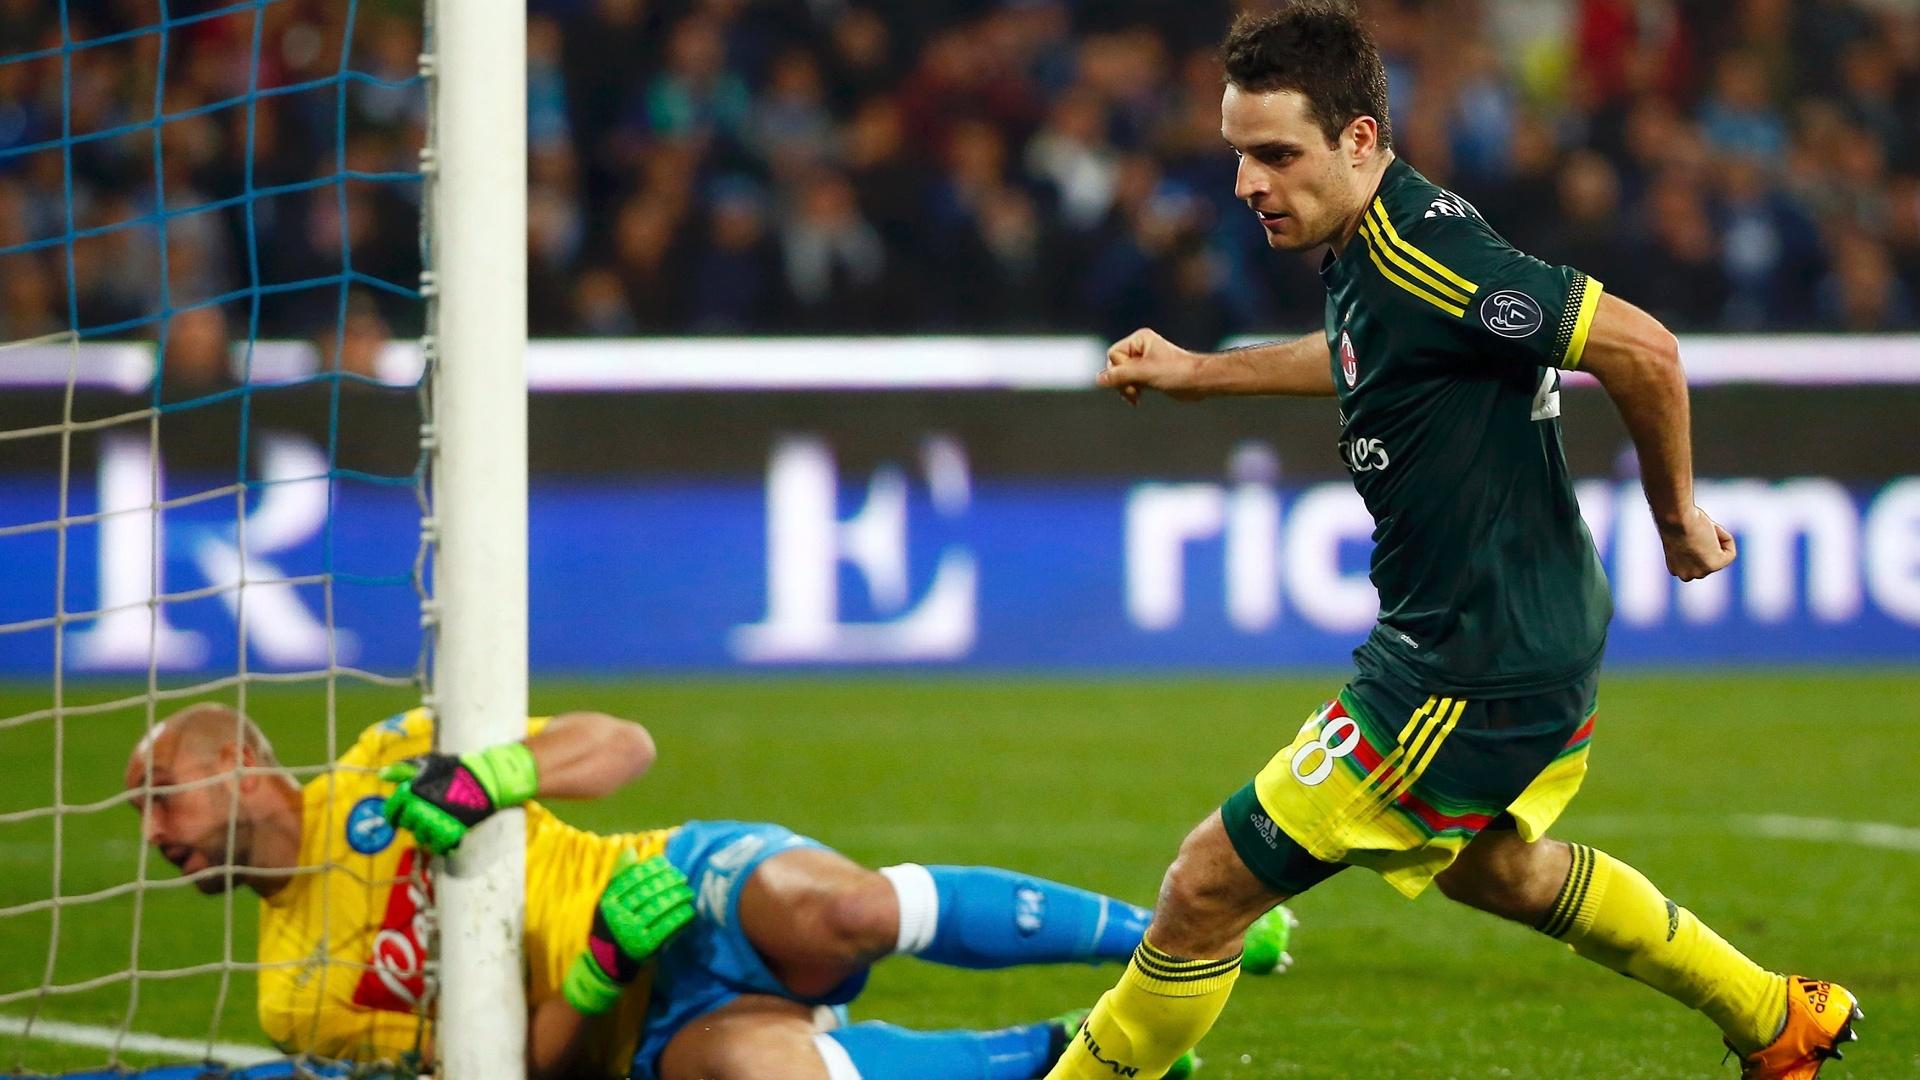 Bonaventura comemora seu gol de empate do Milan contra o Napoli, no Campeonato Italiano